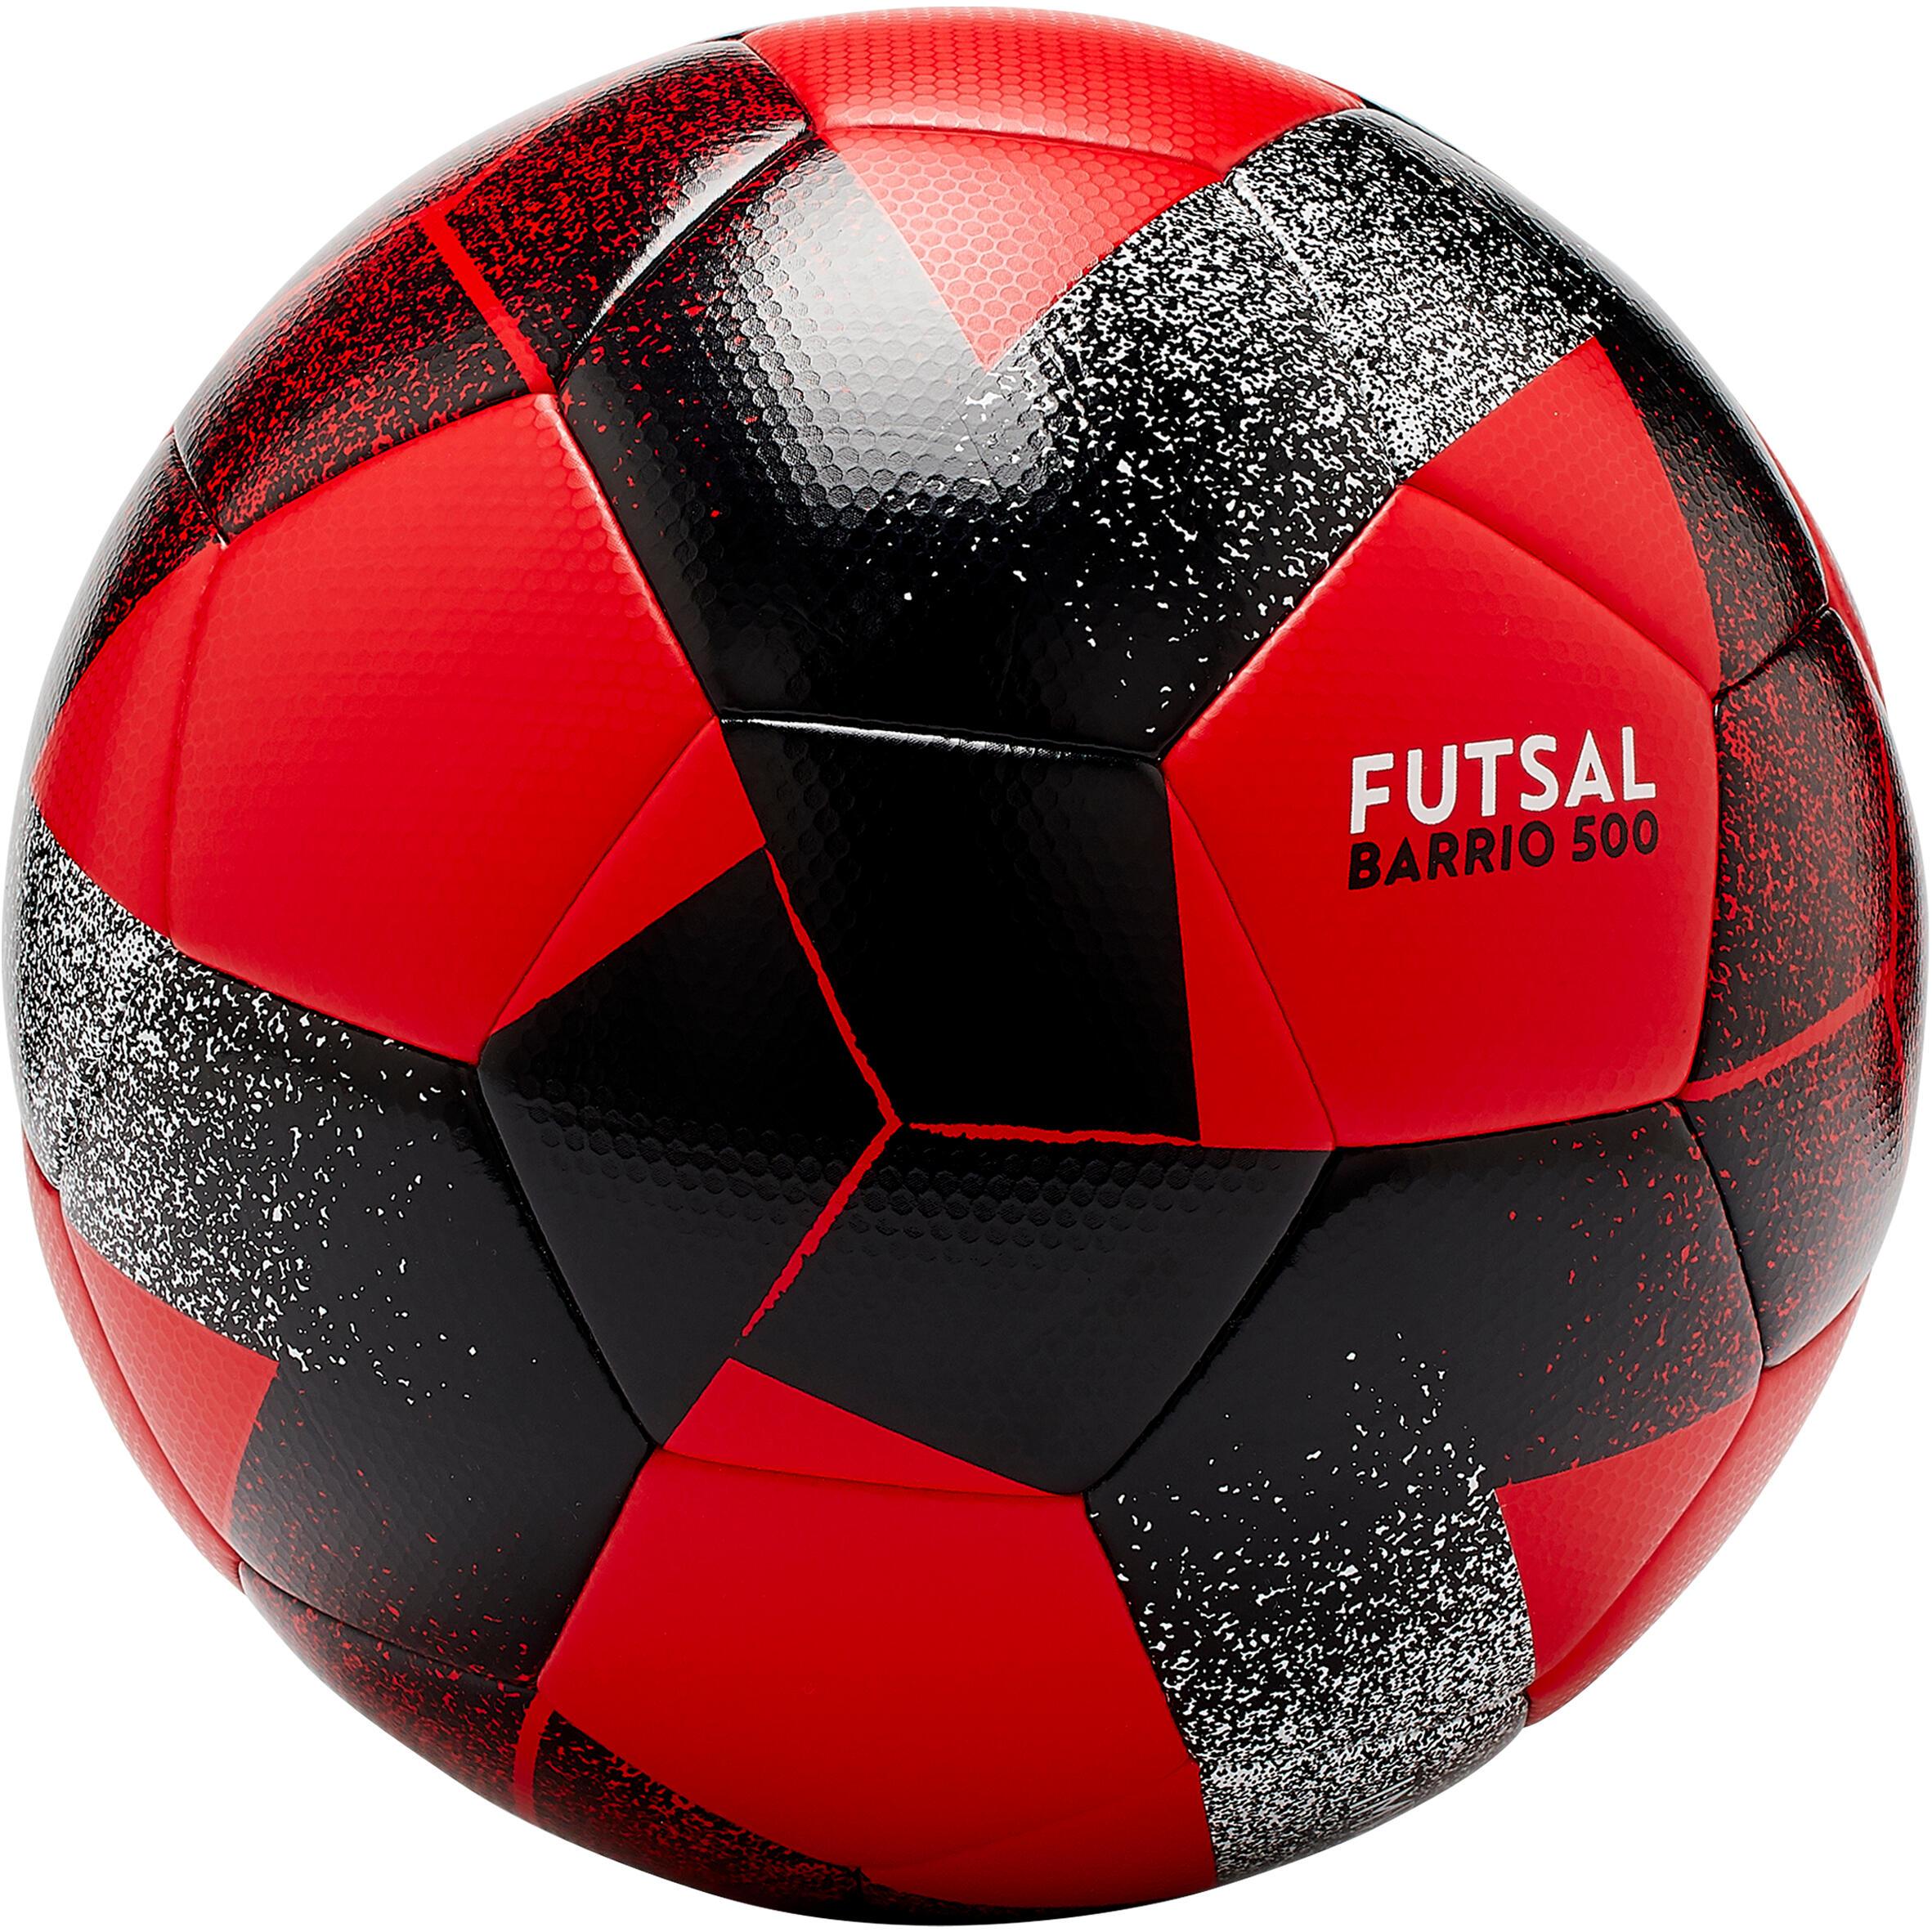 Minge Futsal Barrio